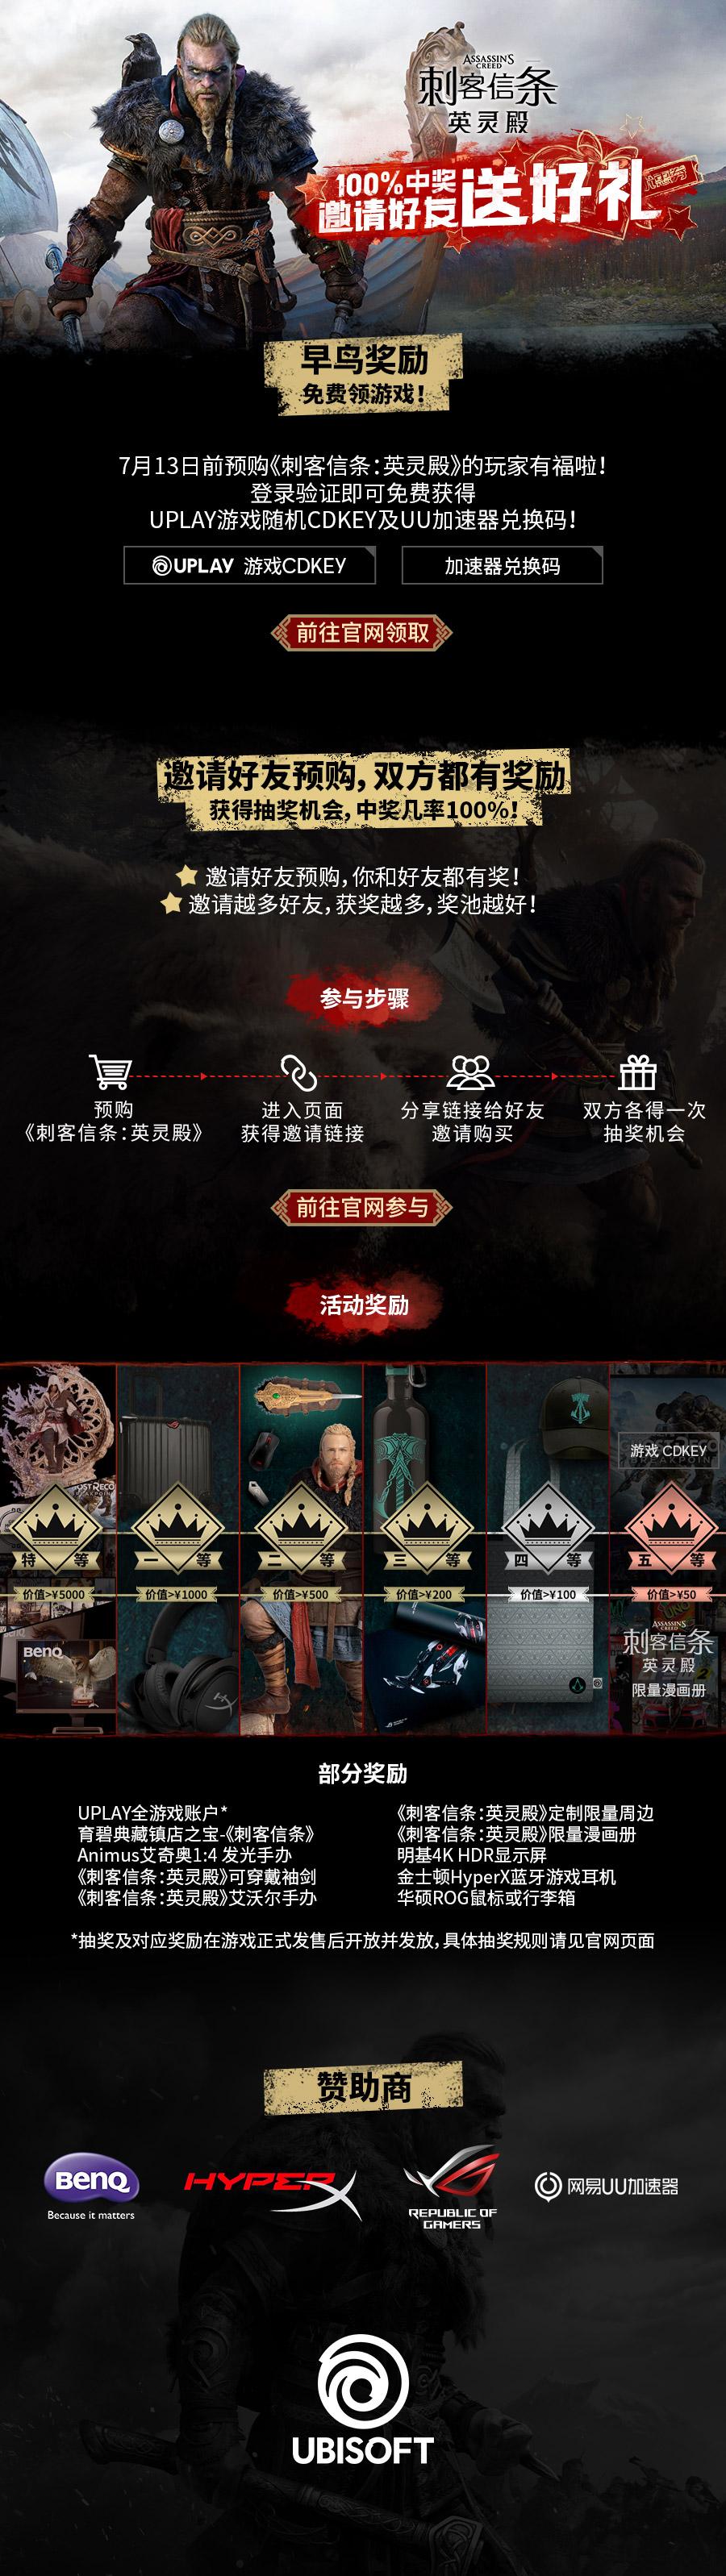 育碧国际商城活动 预购《刺客信条:英灵殿》100%有奖